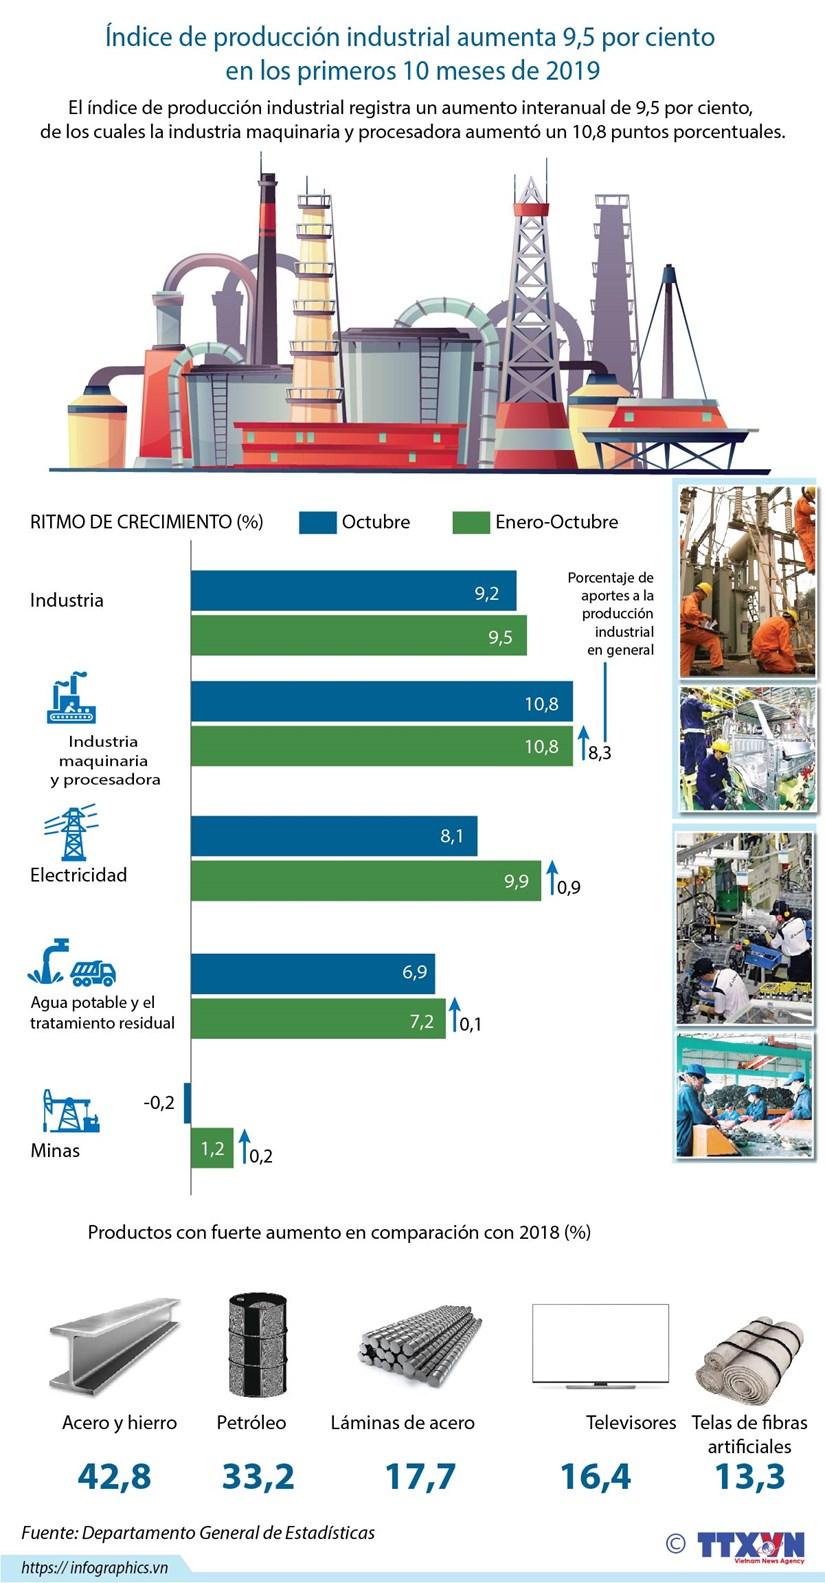 [Info] Indice de produccion industrial aumenta 9,5 por ciento en los primeros 10 meses de 2019 hinh anh 1